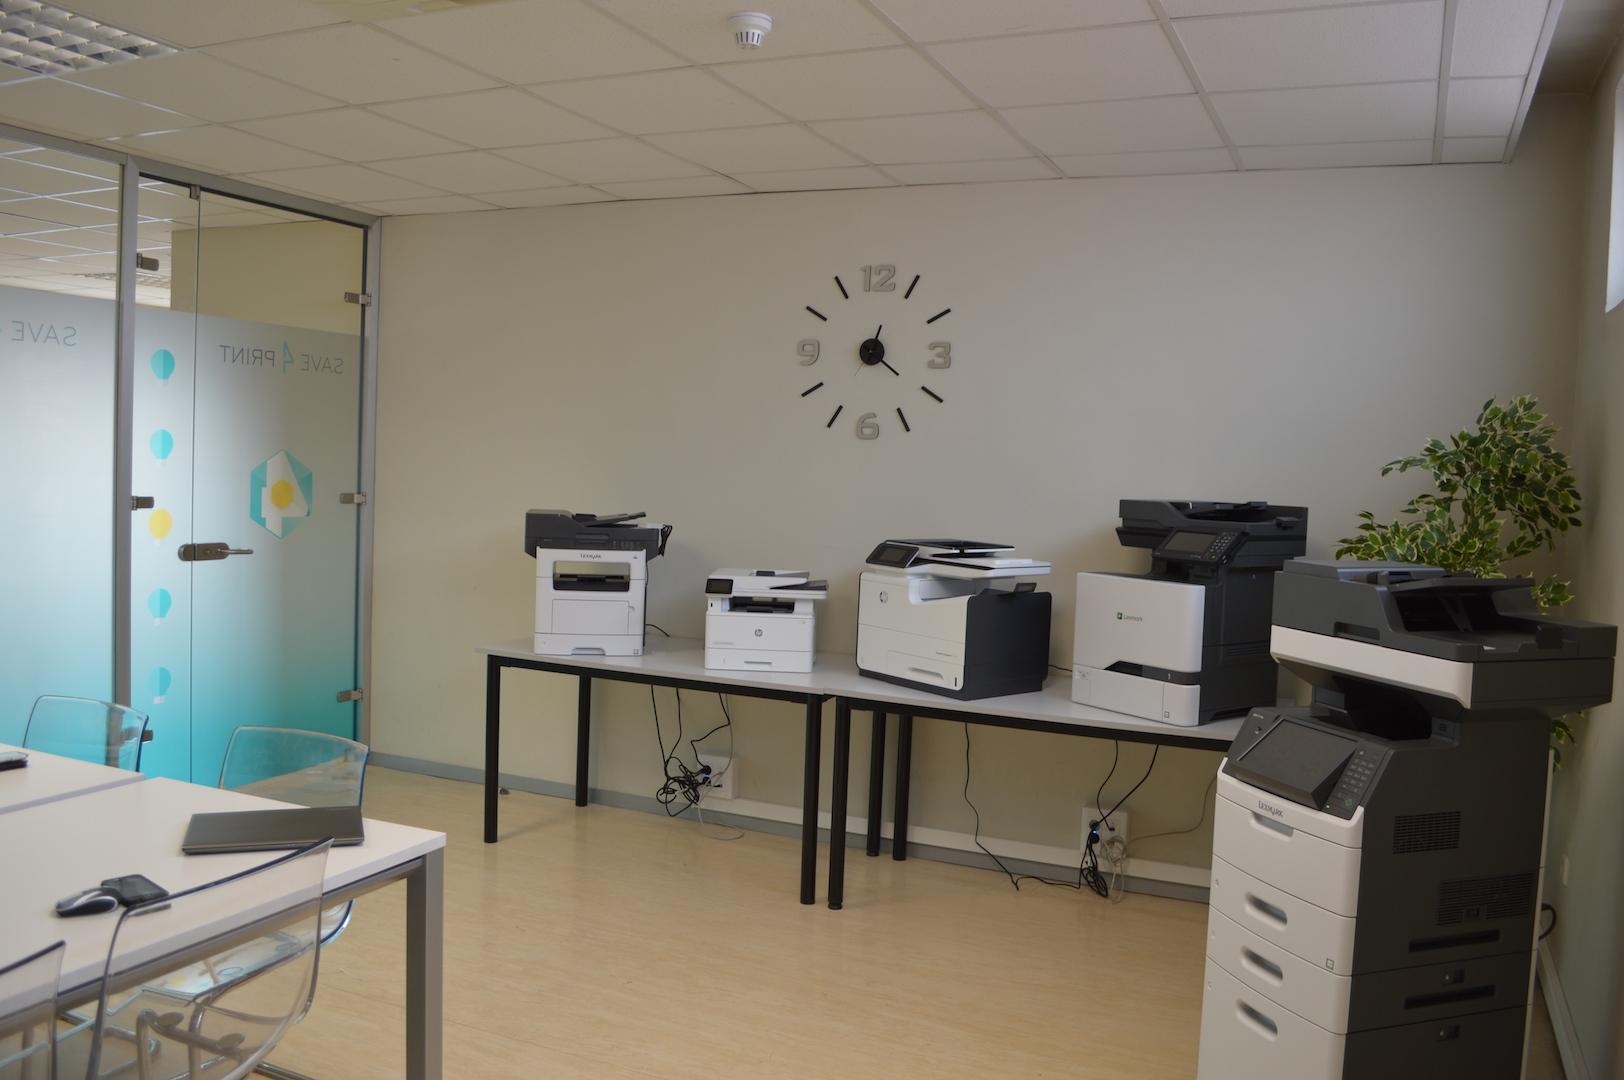 Fabrica en nuestra Sala DEMO de tu mejor Servicio Gestionado de DEMO Impresión 231a01